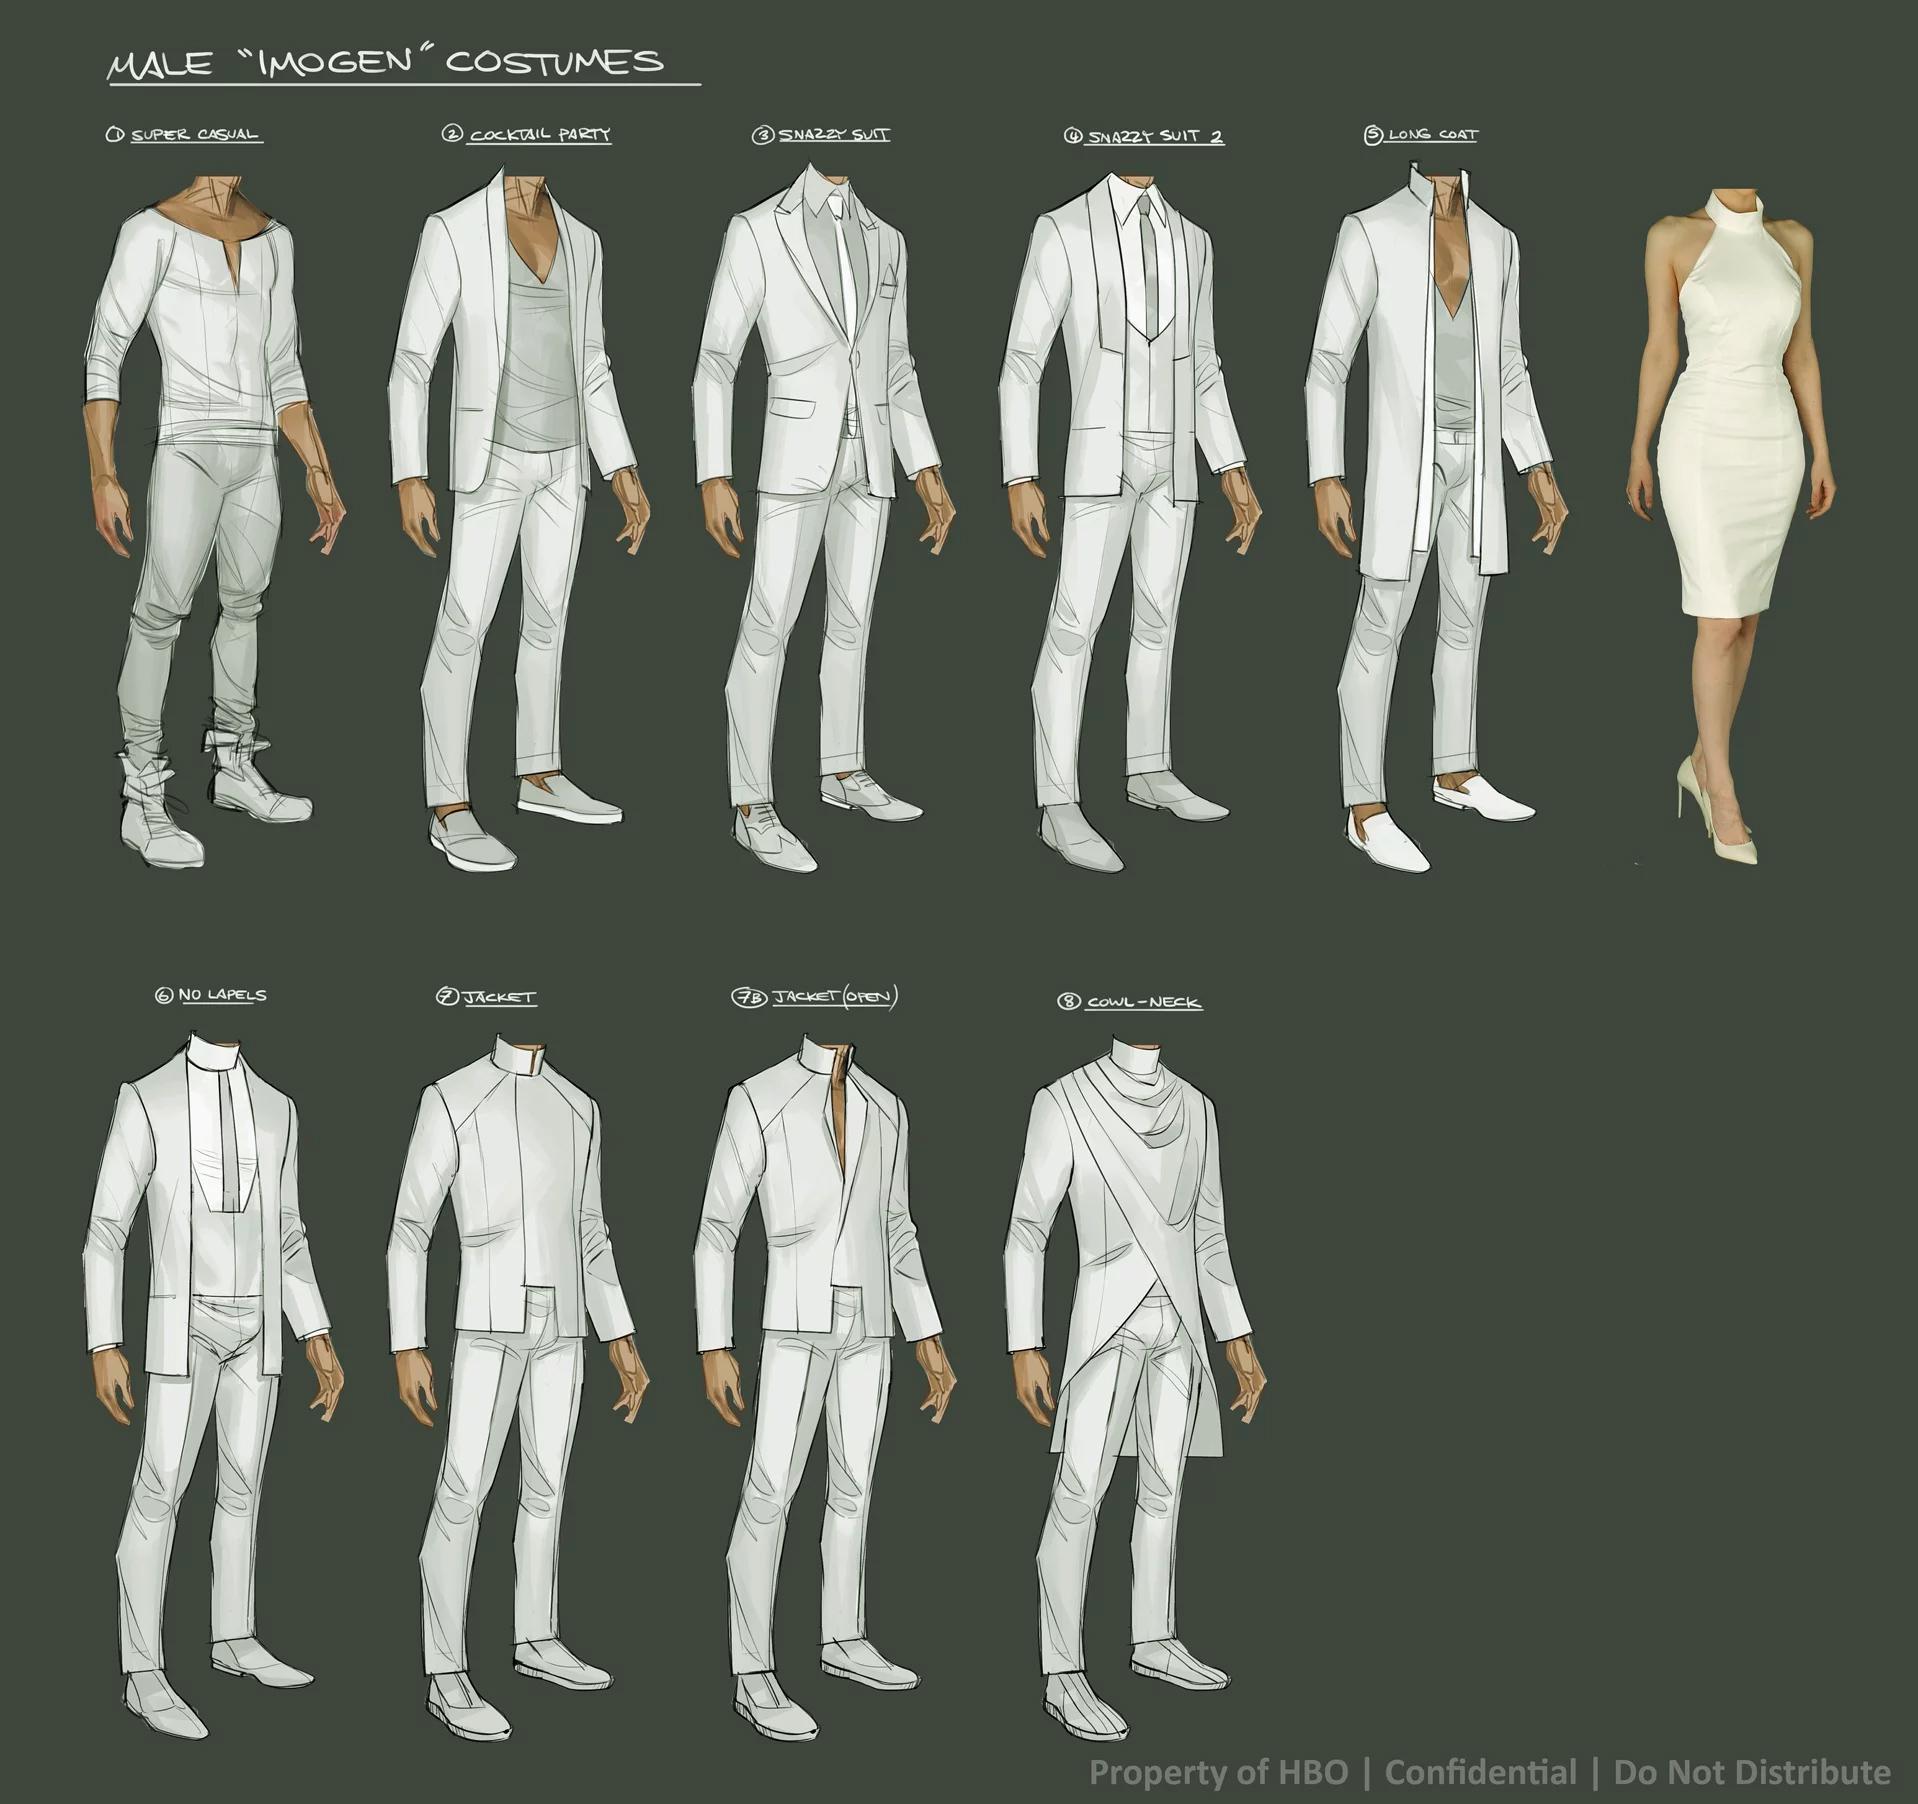 Delos host uniform designs